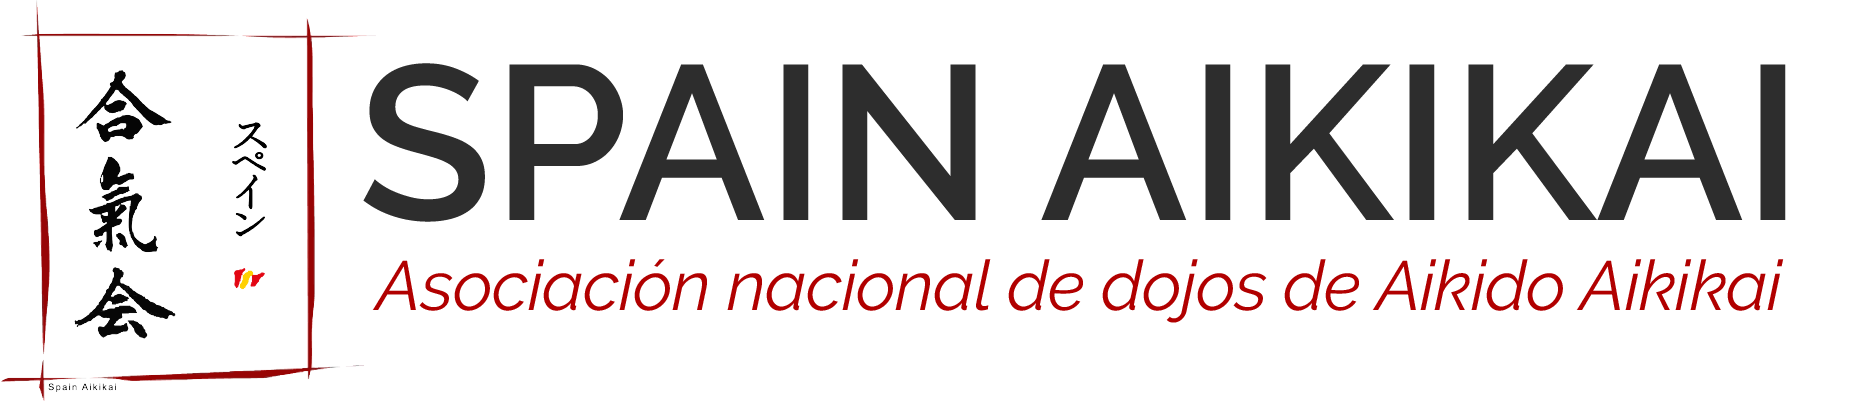 Spain Aikikai